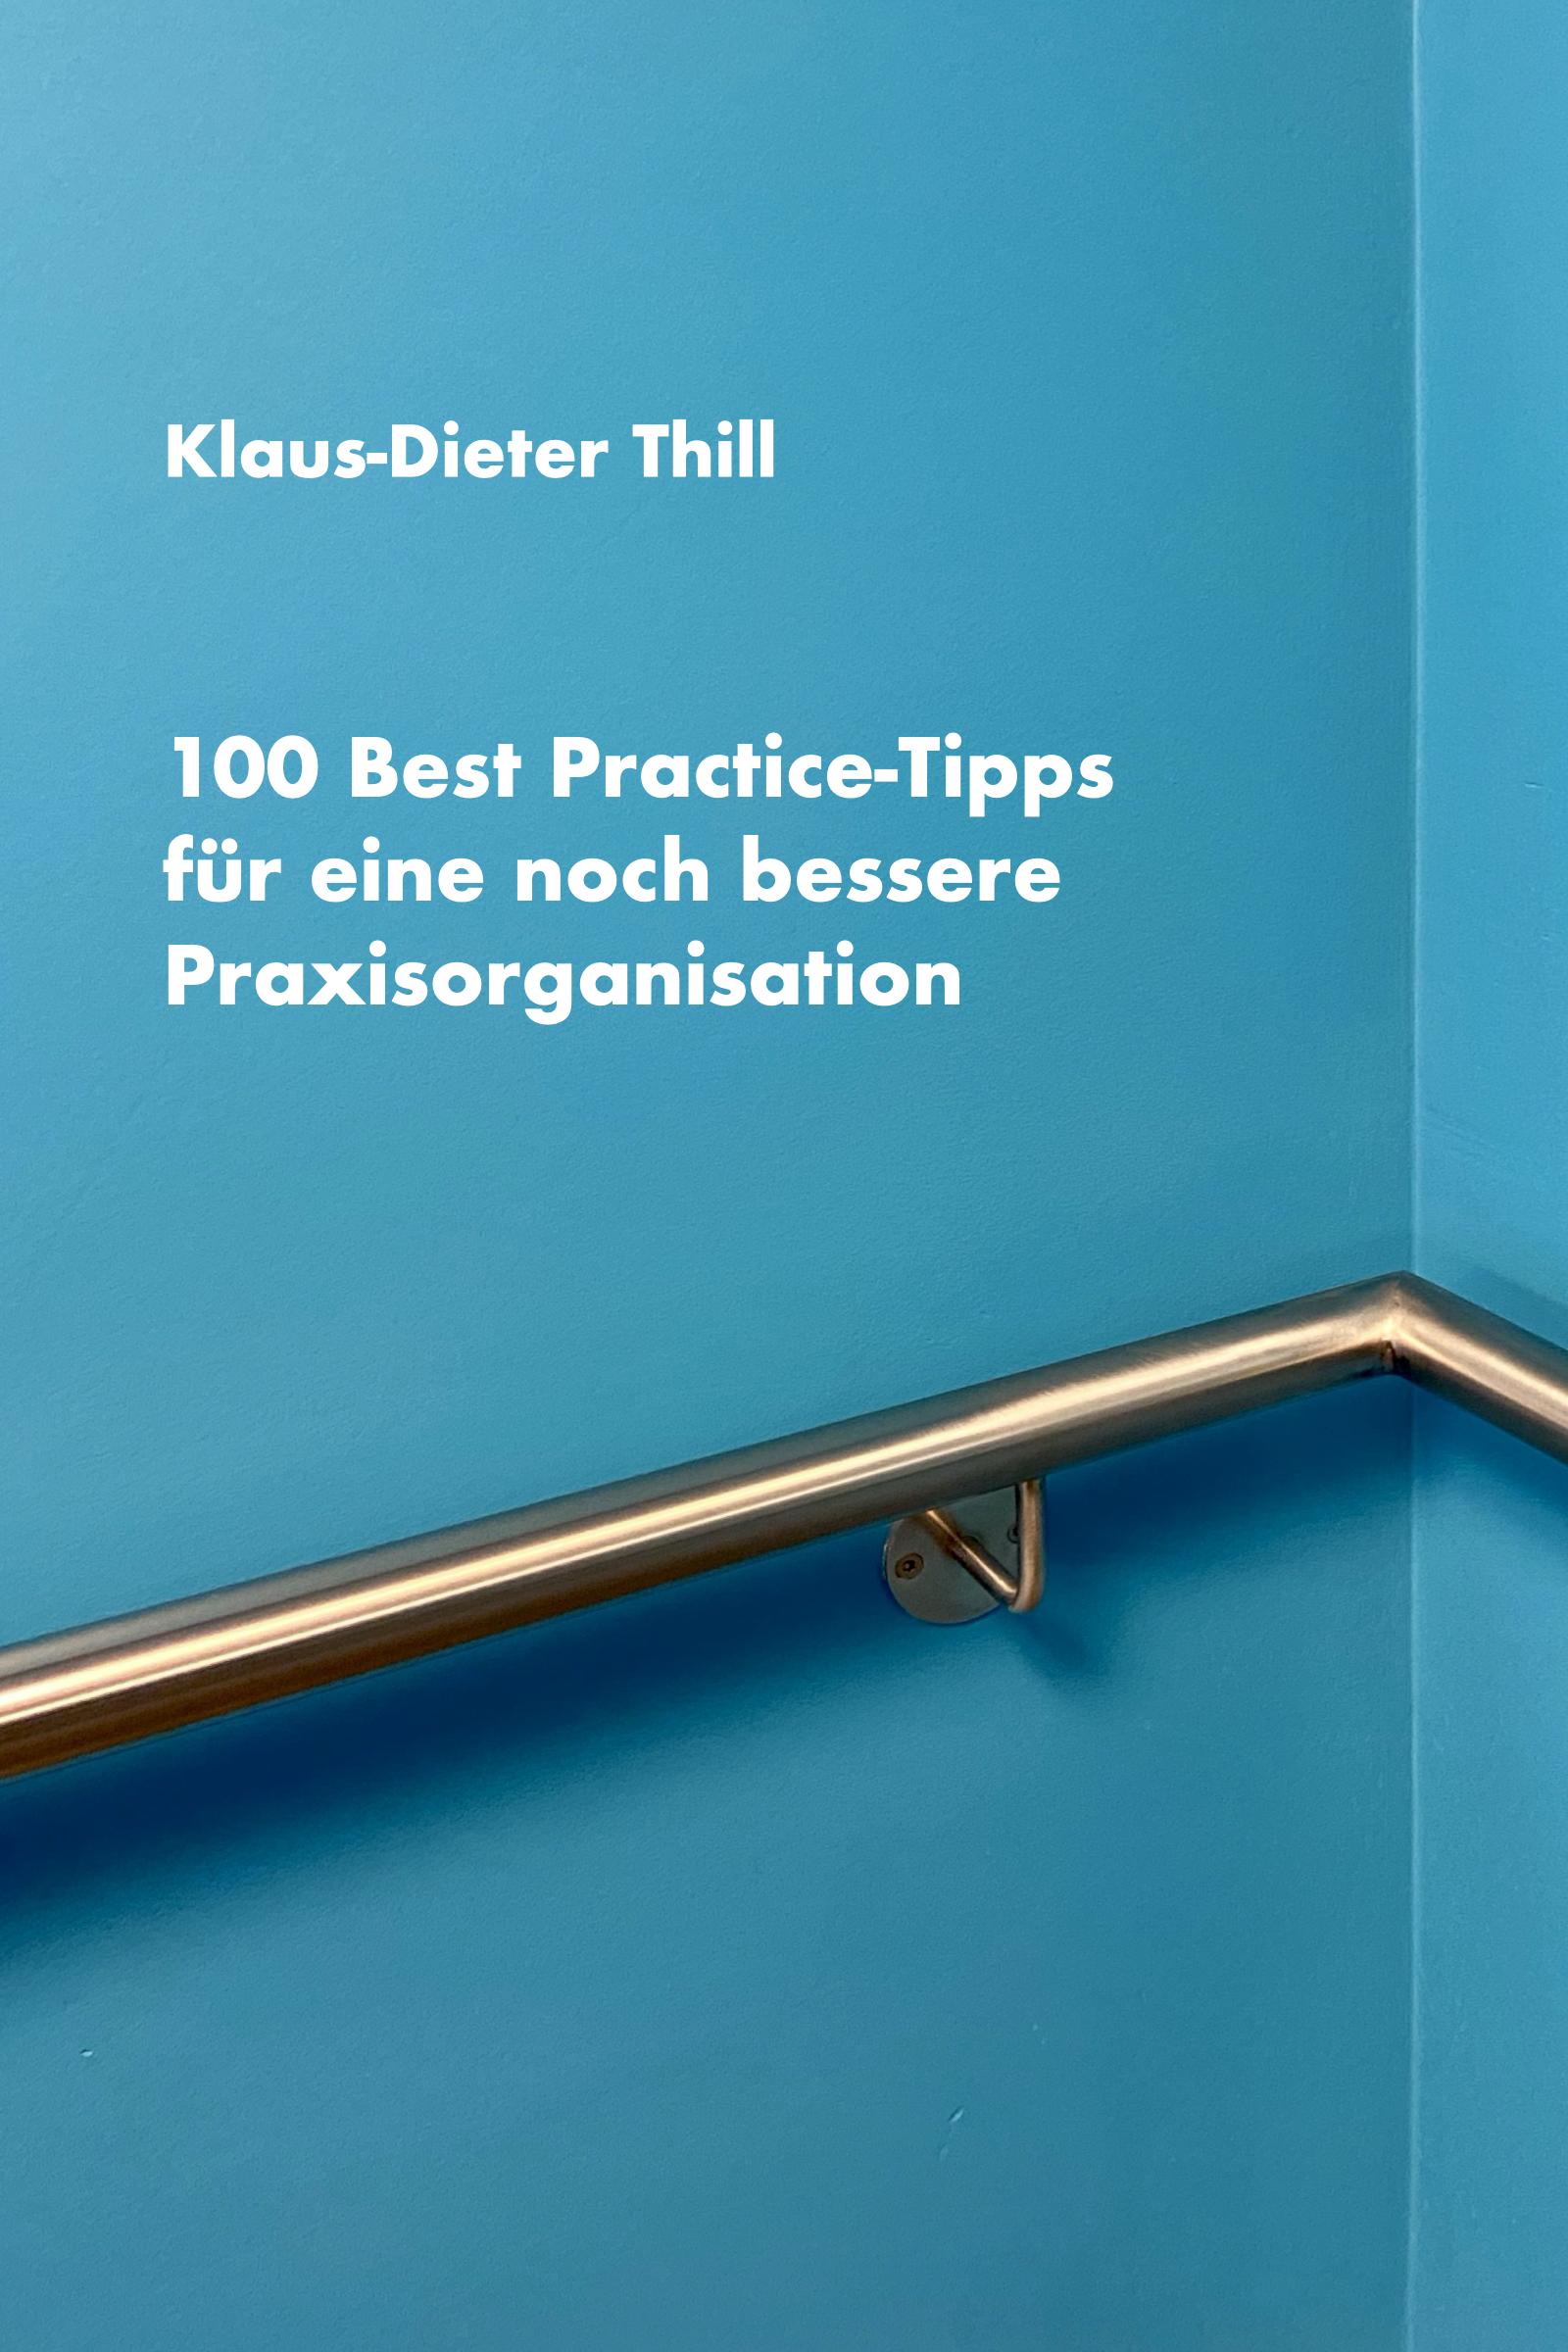 100 Best Practice-Tipps für eine noch bessere Praxisorganisation